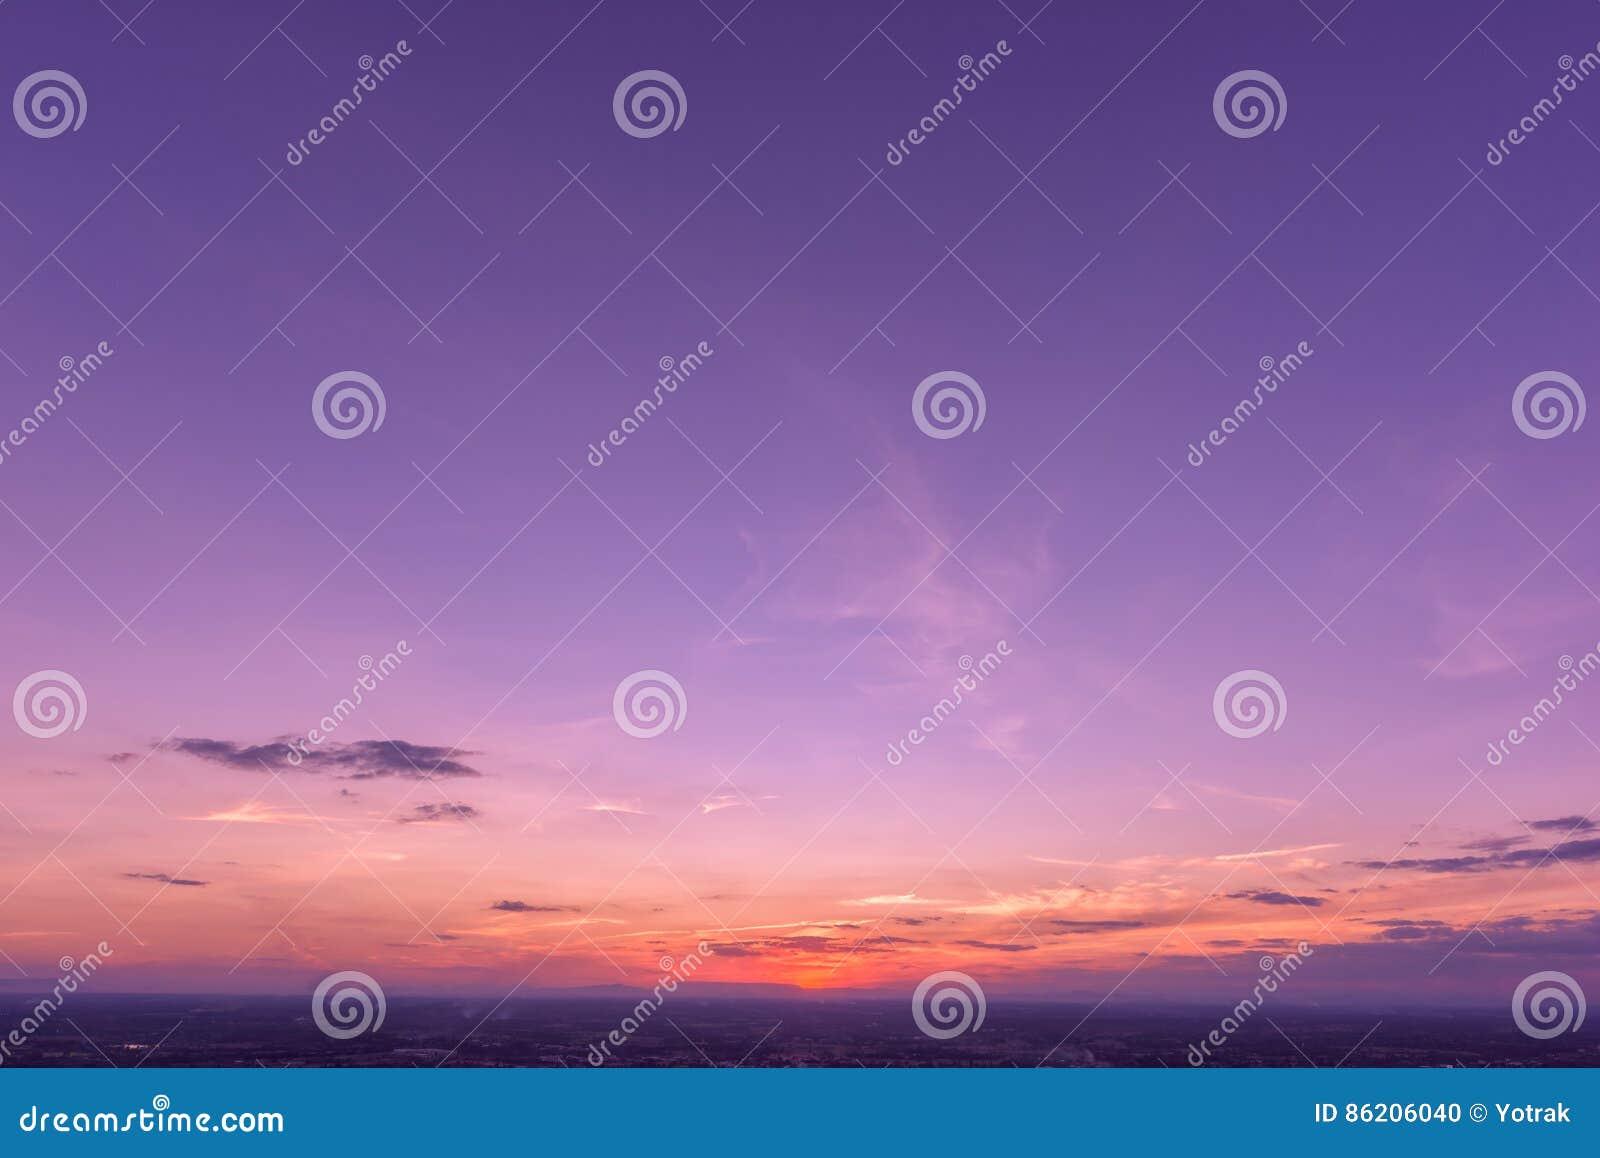 Sunset Sky Background Stock Photo Image Of Background 86206040